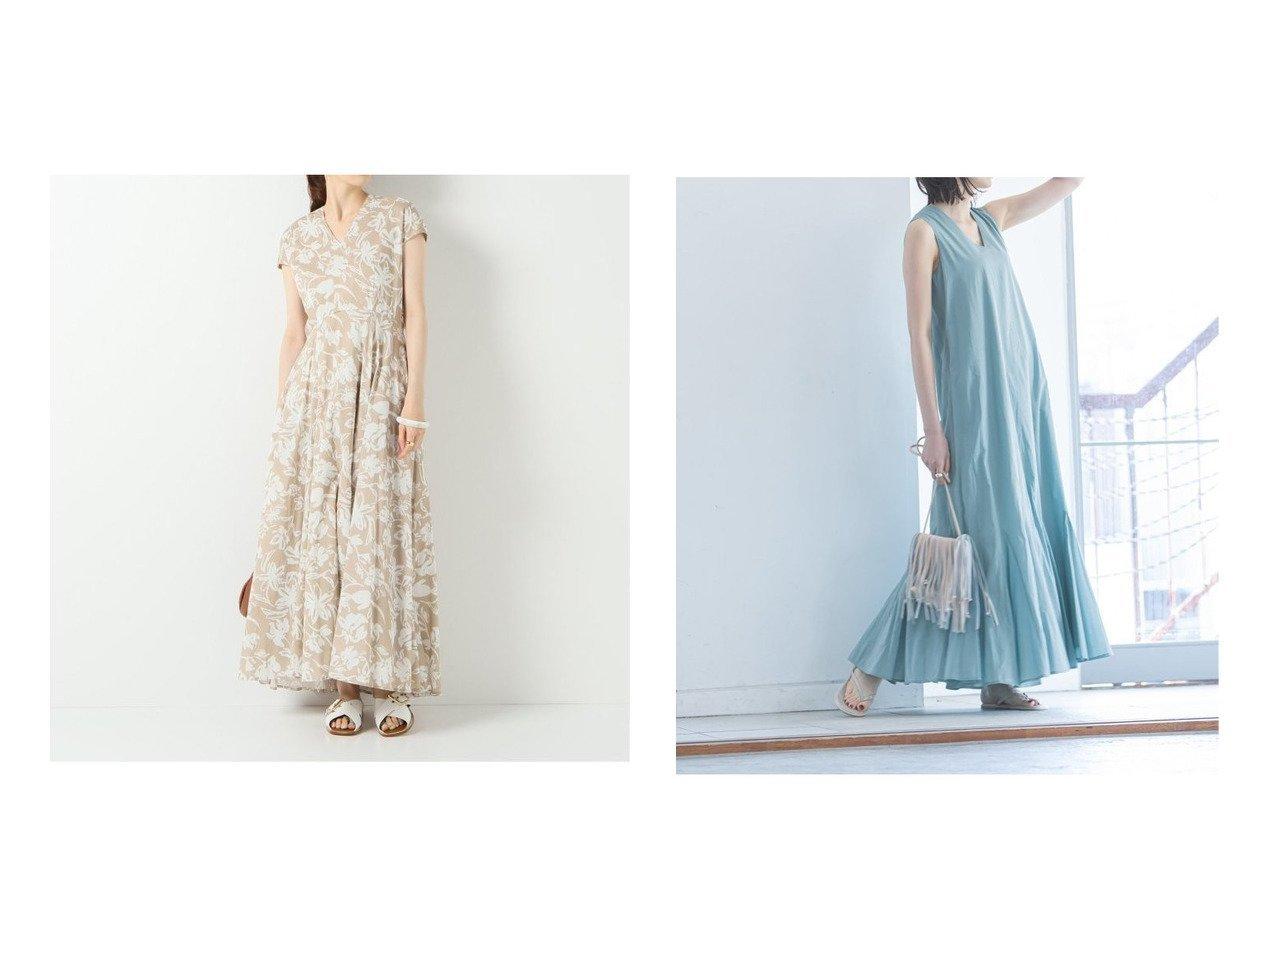 【NOBLE / Spick & Span/ノーブル / スピック&スパン】の《2》【MARIHA】夏の月影のドレス&【IENA/イエナ】の【マリハ】春の月のドレス ショートスリーブ 【ワンピース・ドレス】おすすめ!人気トレンド・レディースファッション通販 おすすめで人気の流行・トレンド、ファッションの通販商品 インテリア・家具・メンズファッション・キッズファッション・レディースファッション・服の通販 founy(ファニー) https://founy.com/ ファッション Fashion レディースファッション WOMEN ワンピース Dress ドレス Party Dresses インド 春 Spring ショート スリーブ ドレス 2021年 2021 S/S・春夏 SS・Spring/Summer 2021春夏・S/S SS/Spring/Summer/2021 NEW・新作・新着・新入荷 New Arrivals 定番 Standard フレア 別注 ラベンダー リゾート リラックス 再入荷 Restock/Back in Stock/Re Arrival おすすめ Recommend 夏 Summer  ID:crp329100000050738